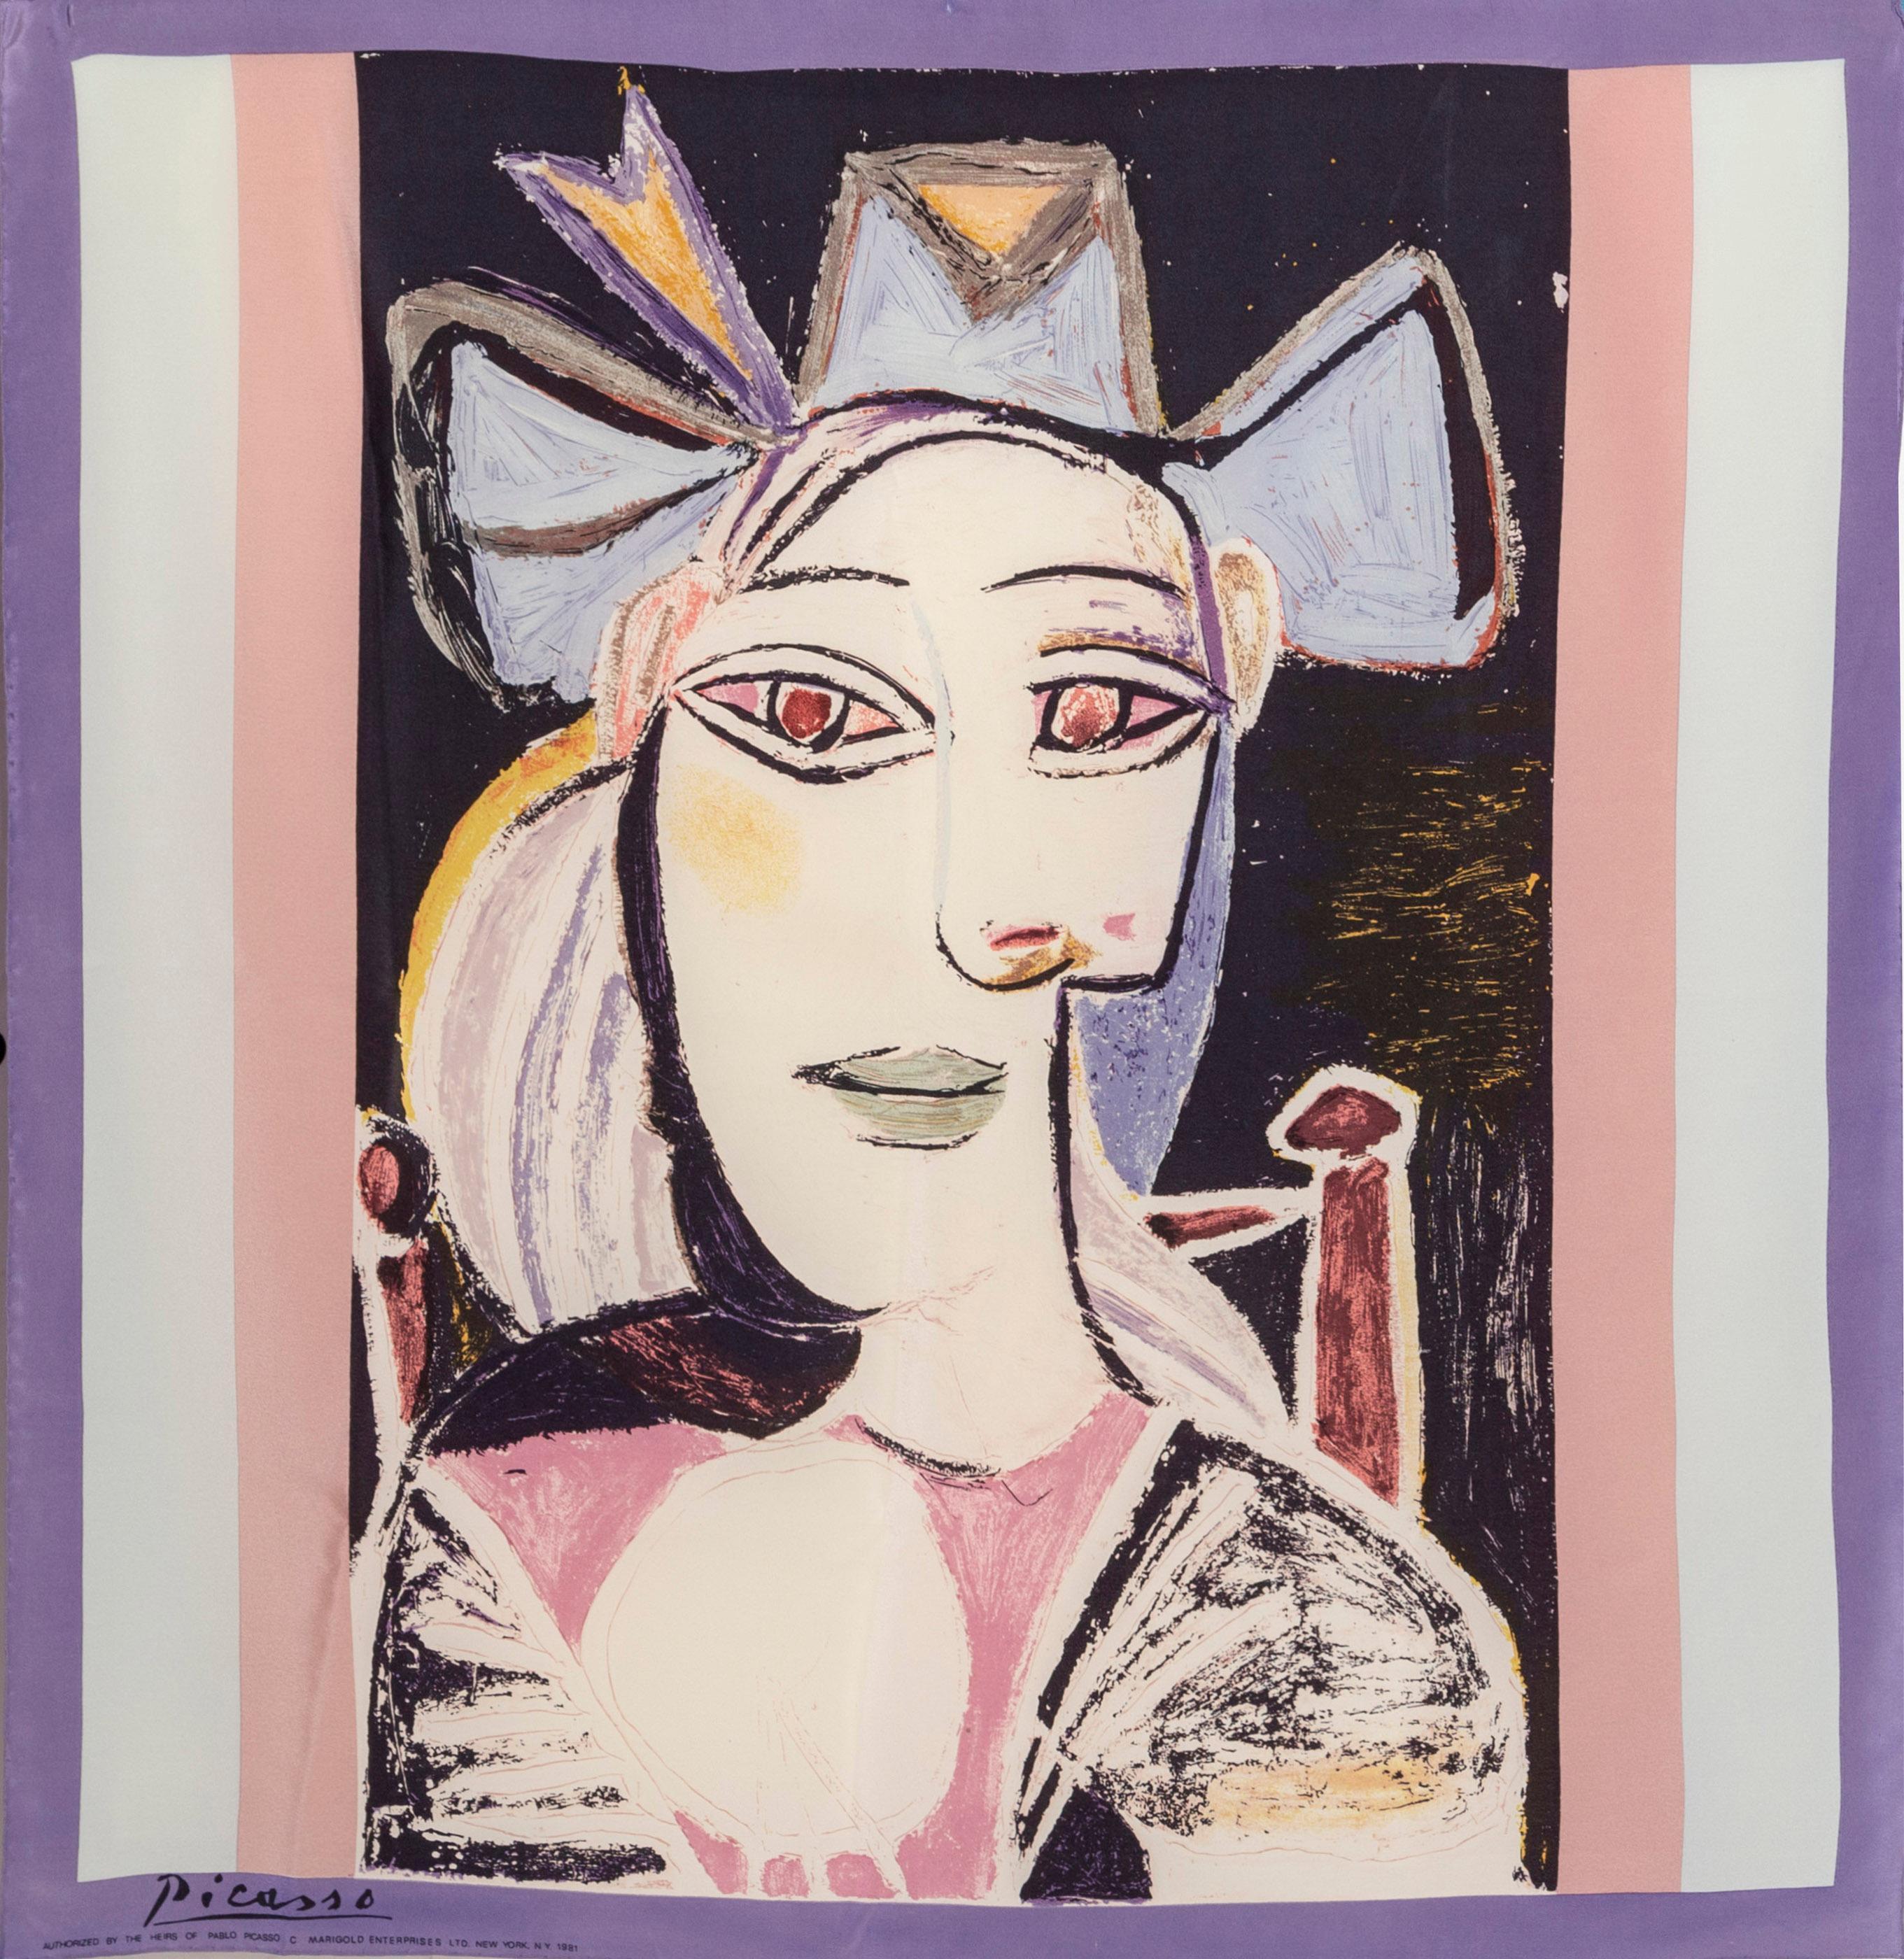 Pablo Picasso, Buste de Femme, Print on Scarf